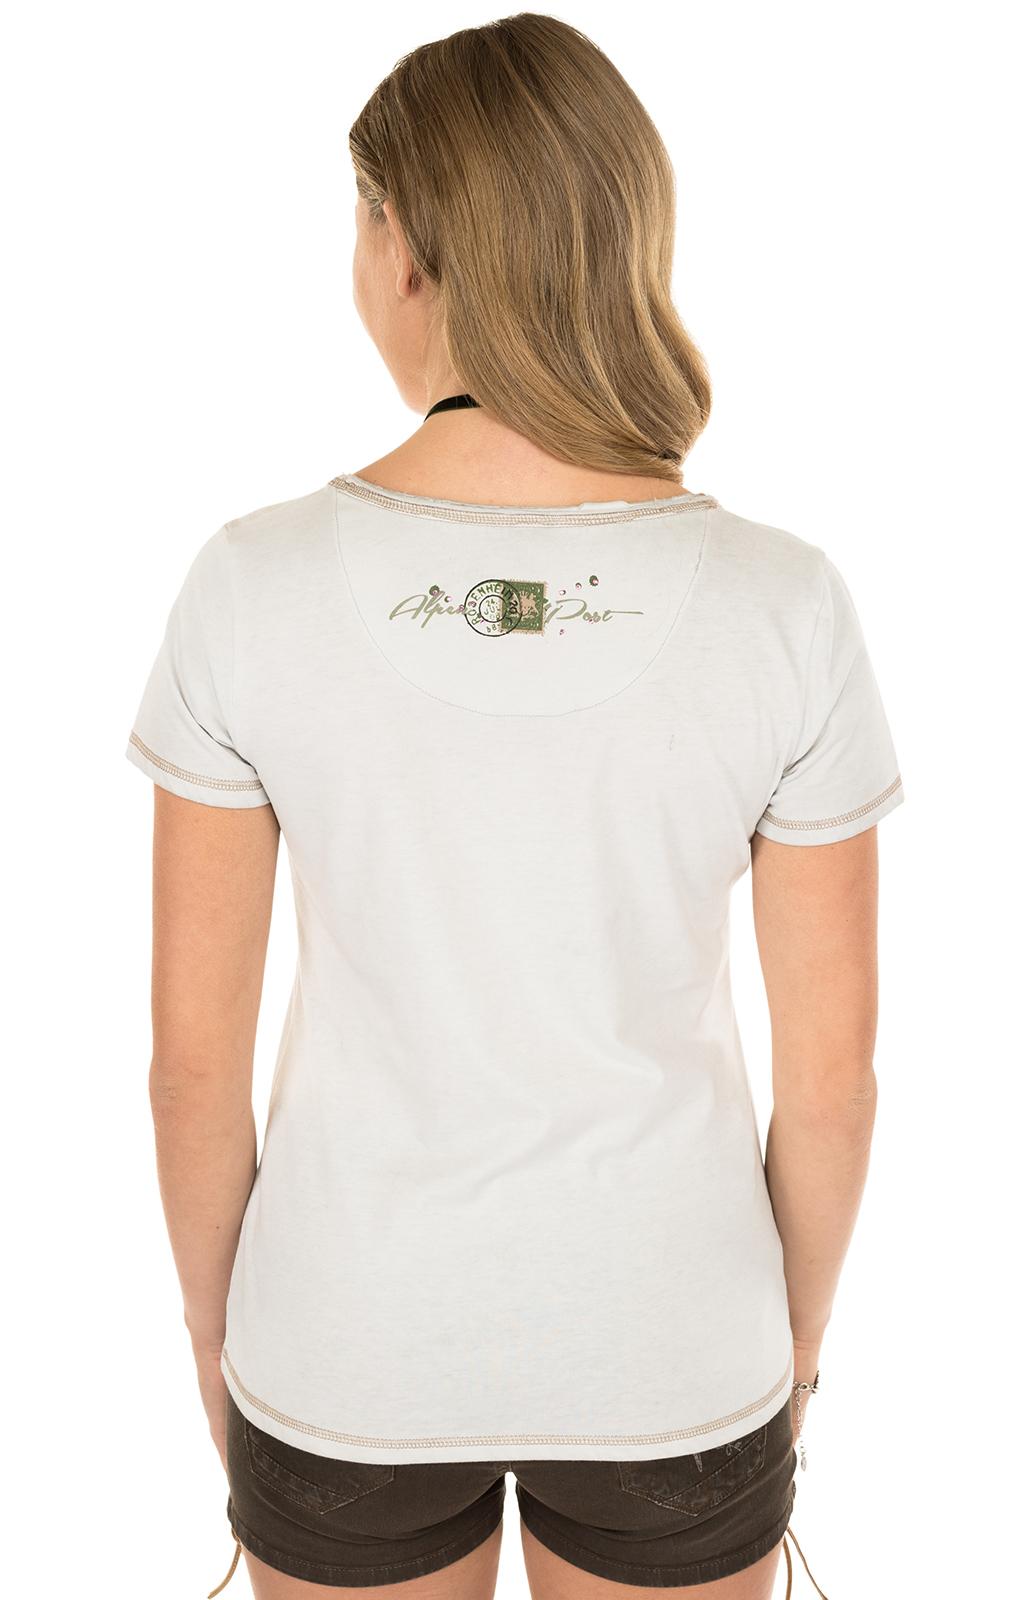 weitere Bilder von Trachten Shirt K06-ALMBUSSERL ecru